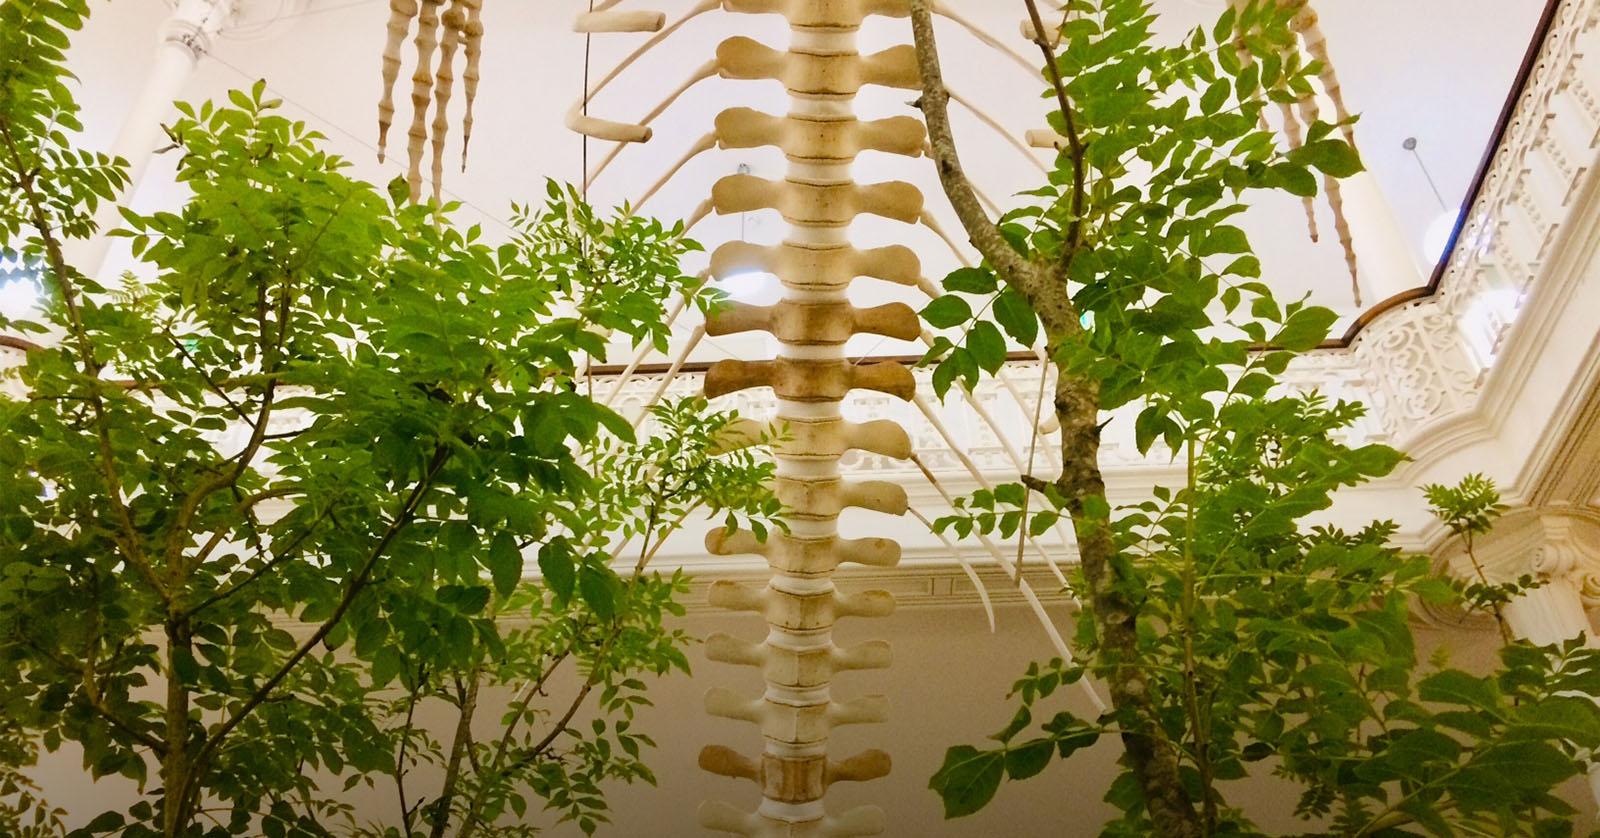 O que dizem as plantas? A Galeria da Biodiversidade dá-nos respostas